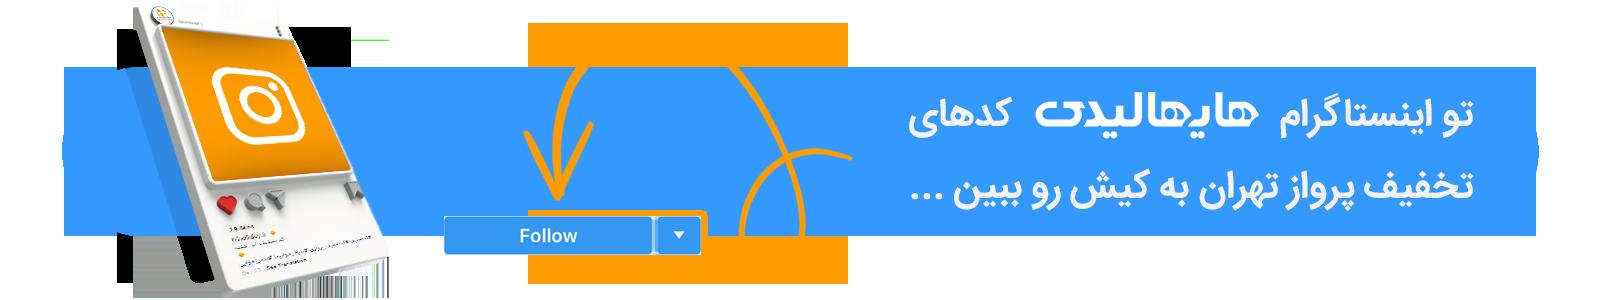 معرفی کدهای تخفیف بلیط تهران به کیش در اینستا